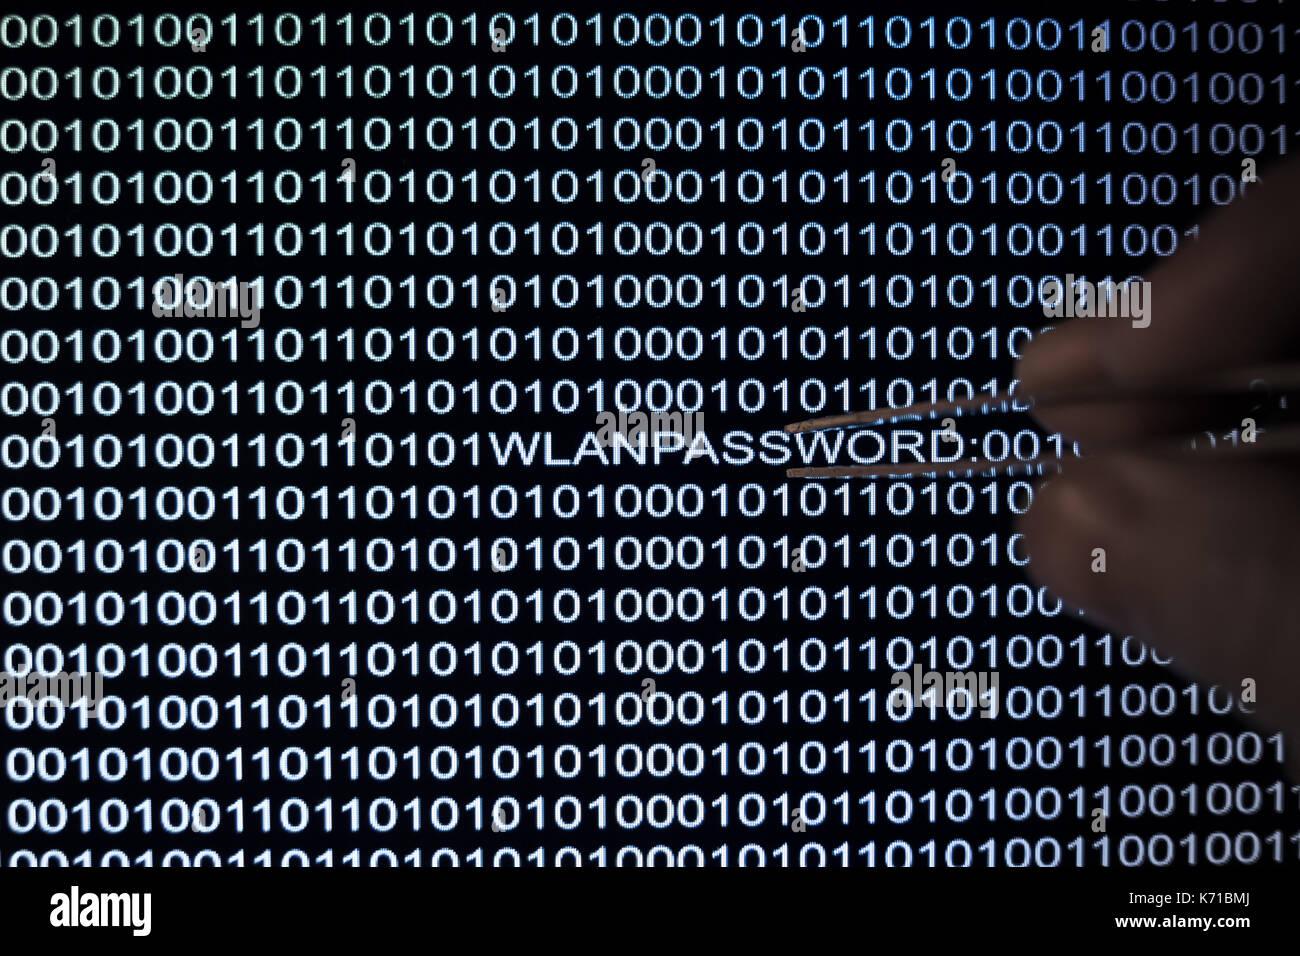 Binary code, Hacker with tweezers finds wireless password - Stock Image